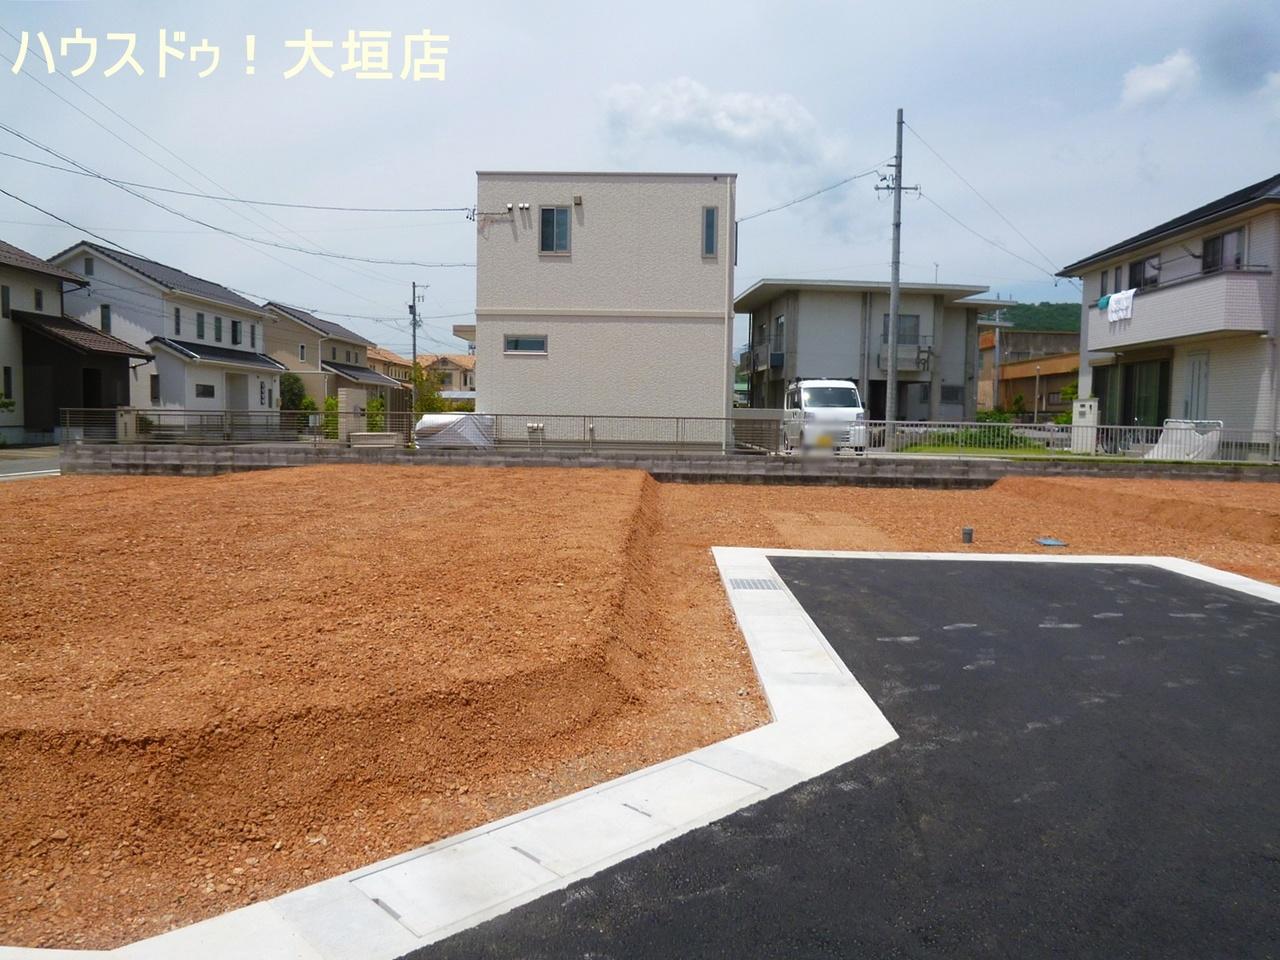 2018/05/17 撮影